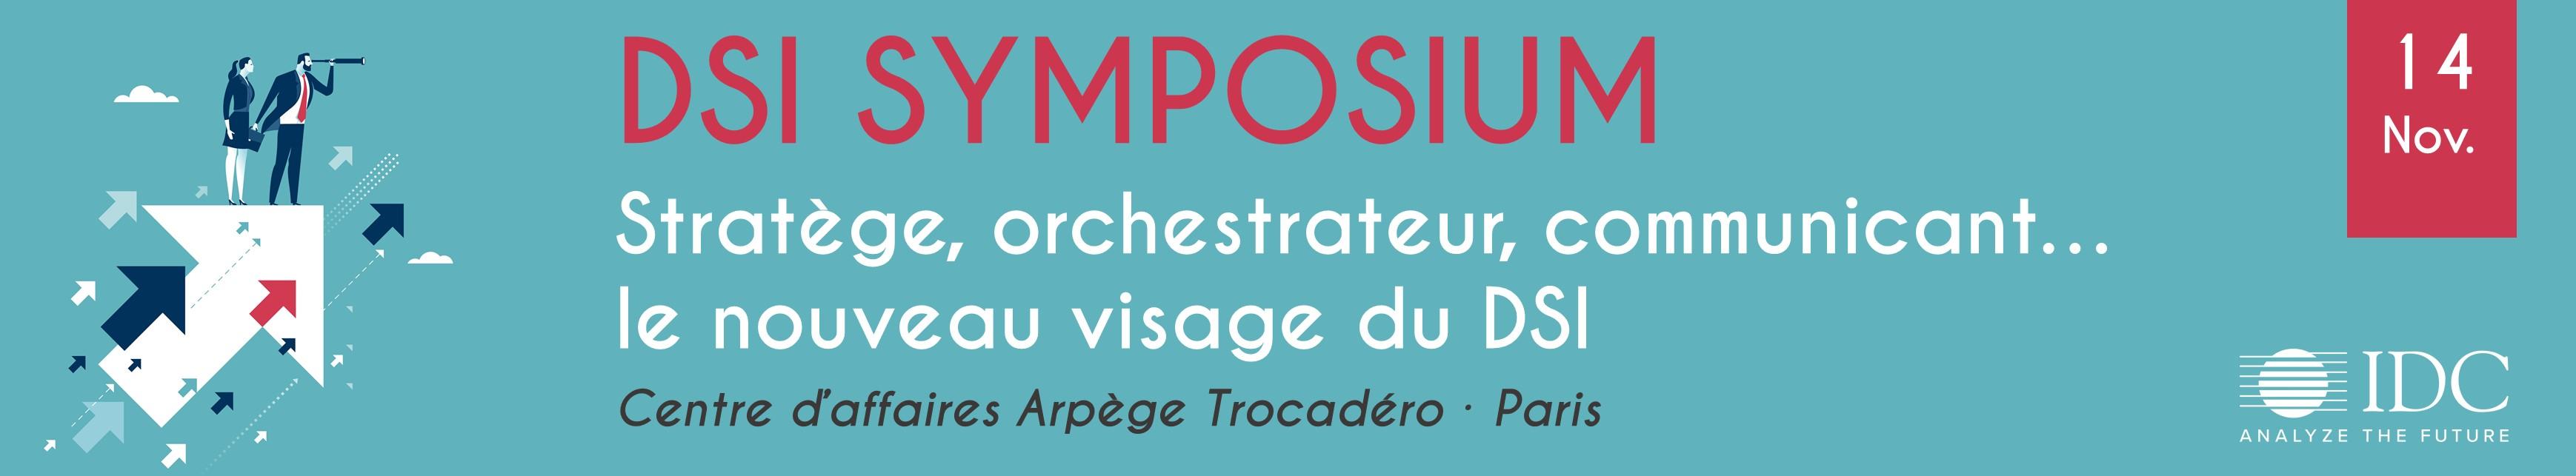 DSI SYMPOSIUM IDC : Stratège, orchestrateur, communicant… le nouveau visage du DSI   - 14 novembre 2019